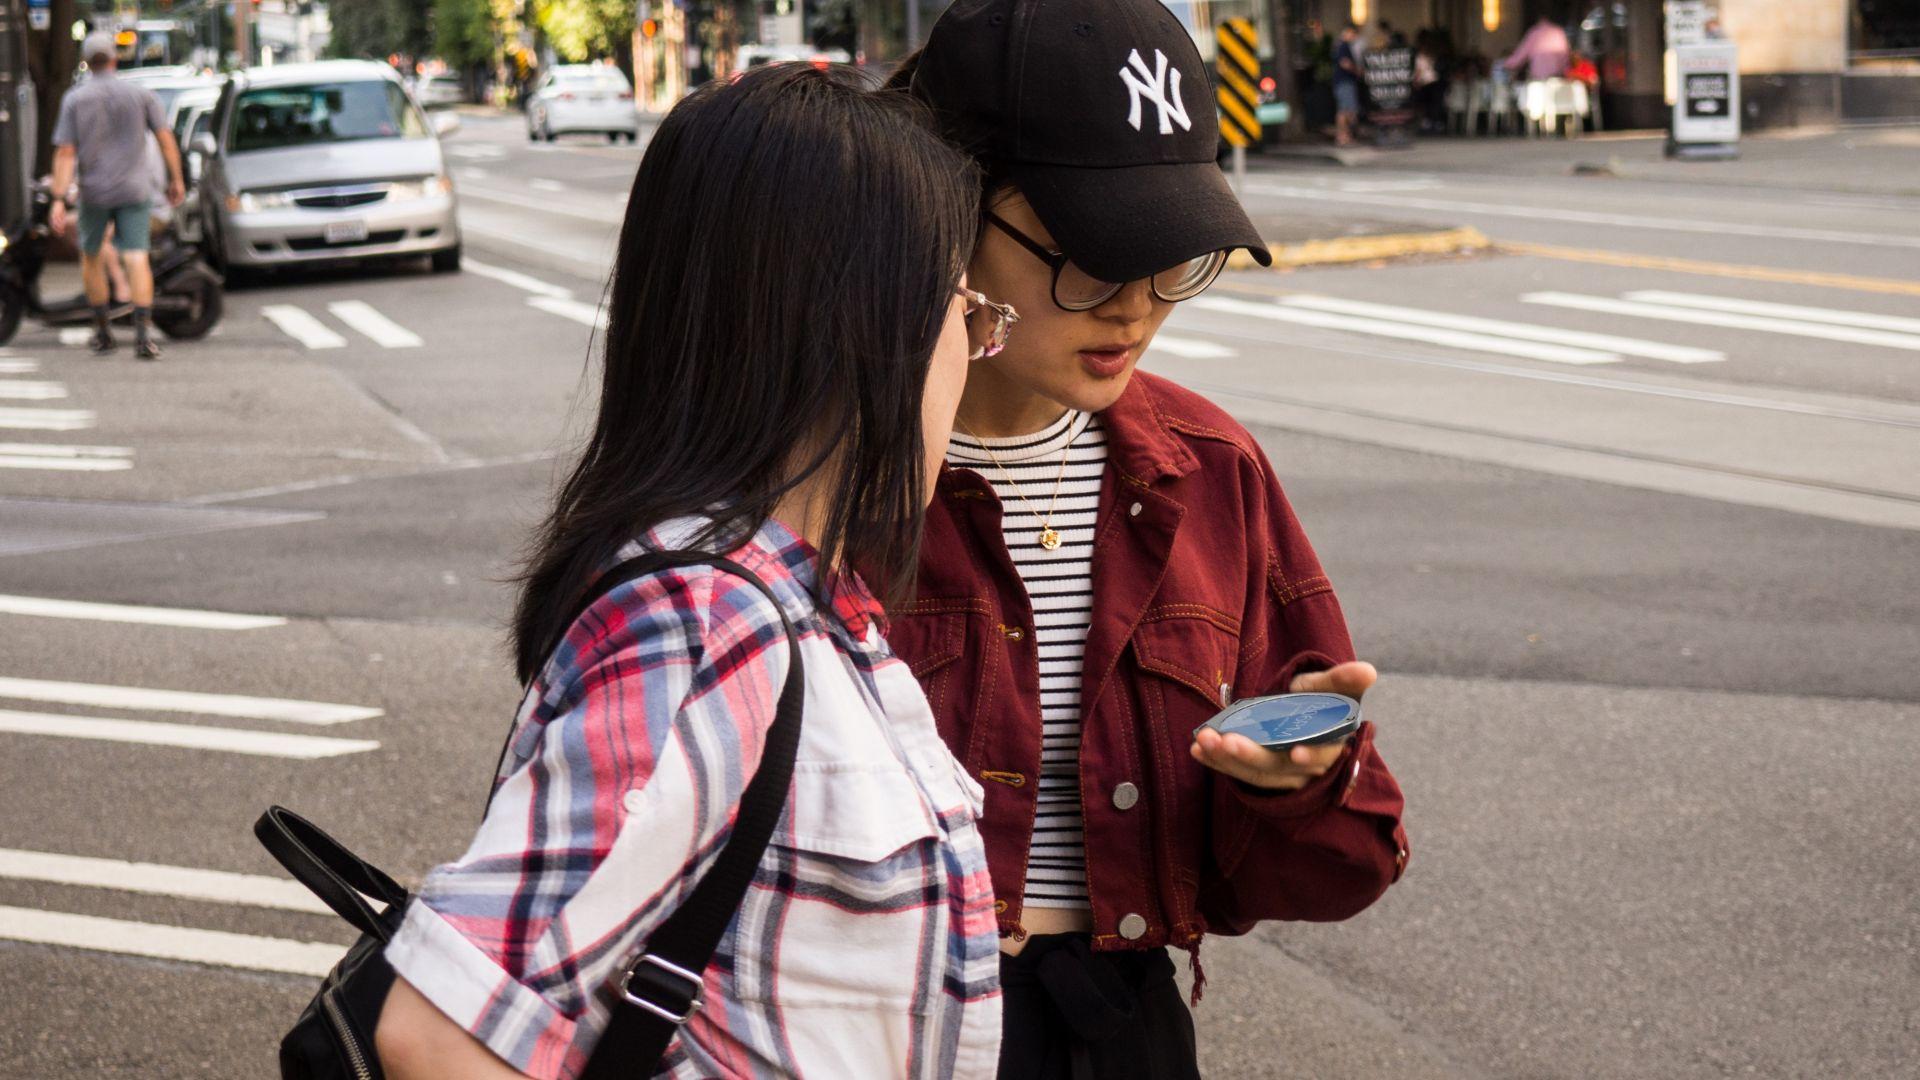 Кръгъл смартфон ще се бори за място на пазара